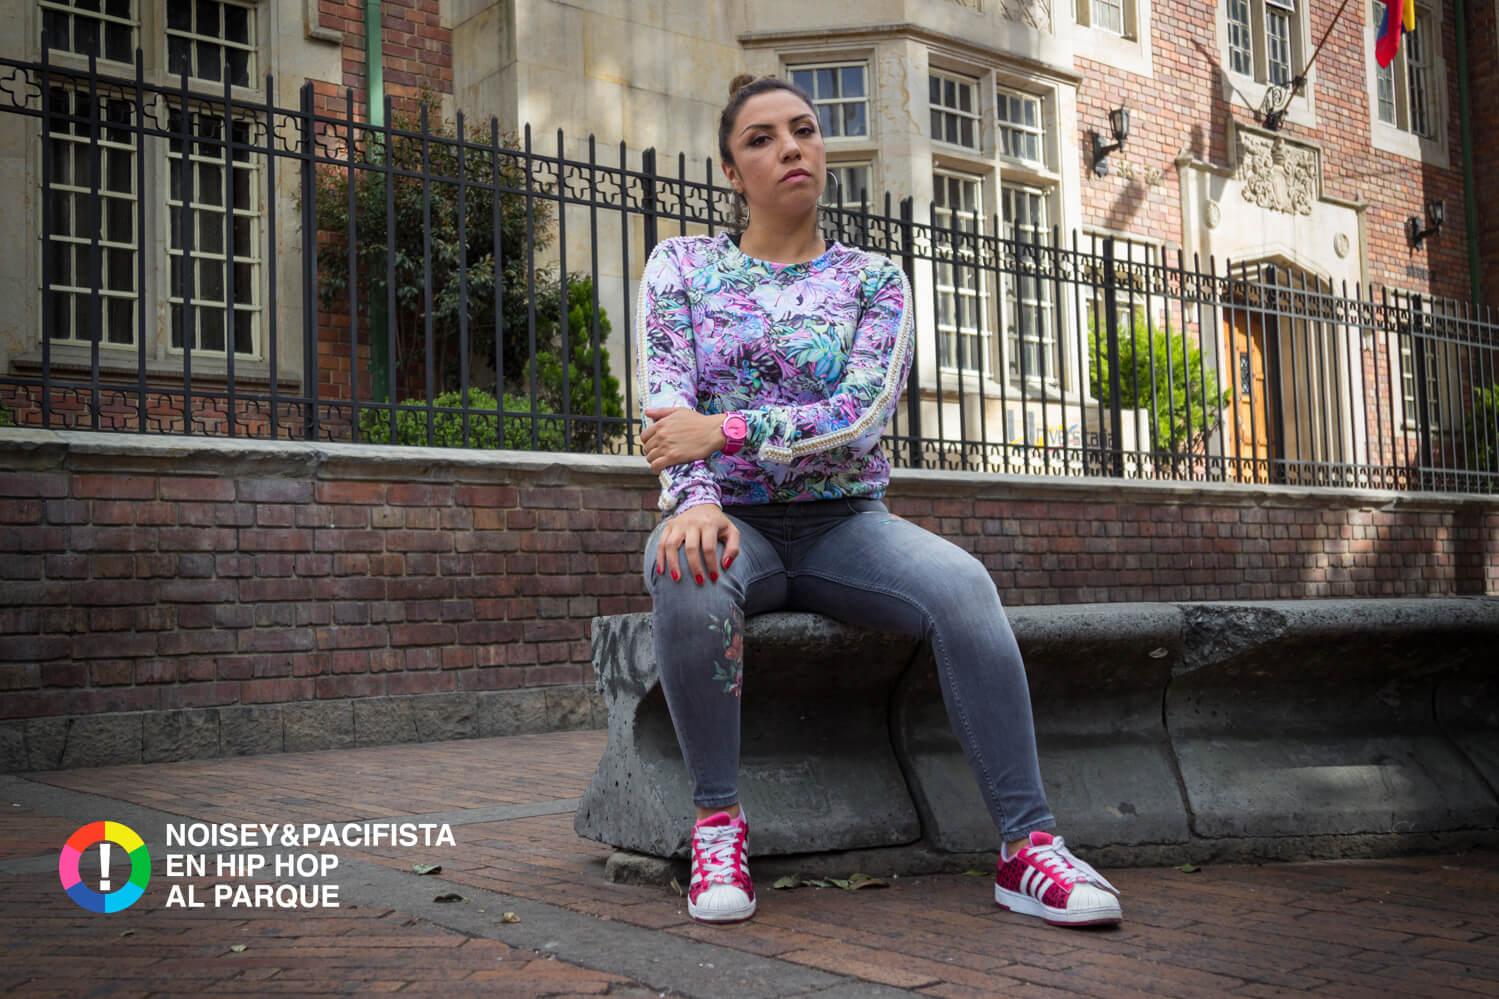 'El hip hop es la religión de los jóvenes'